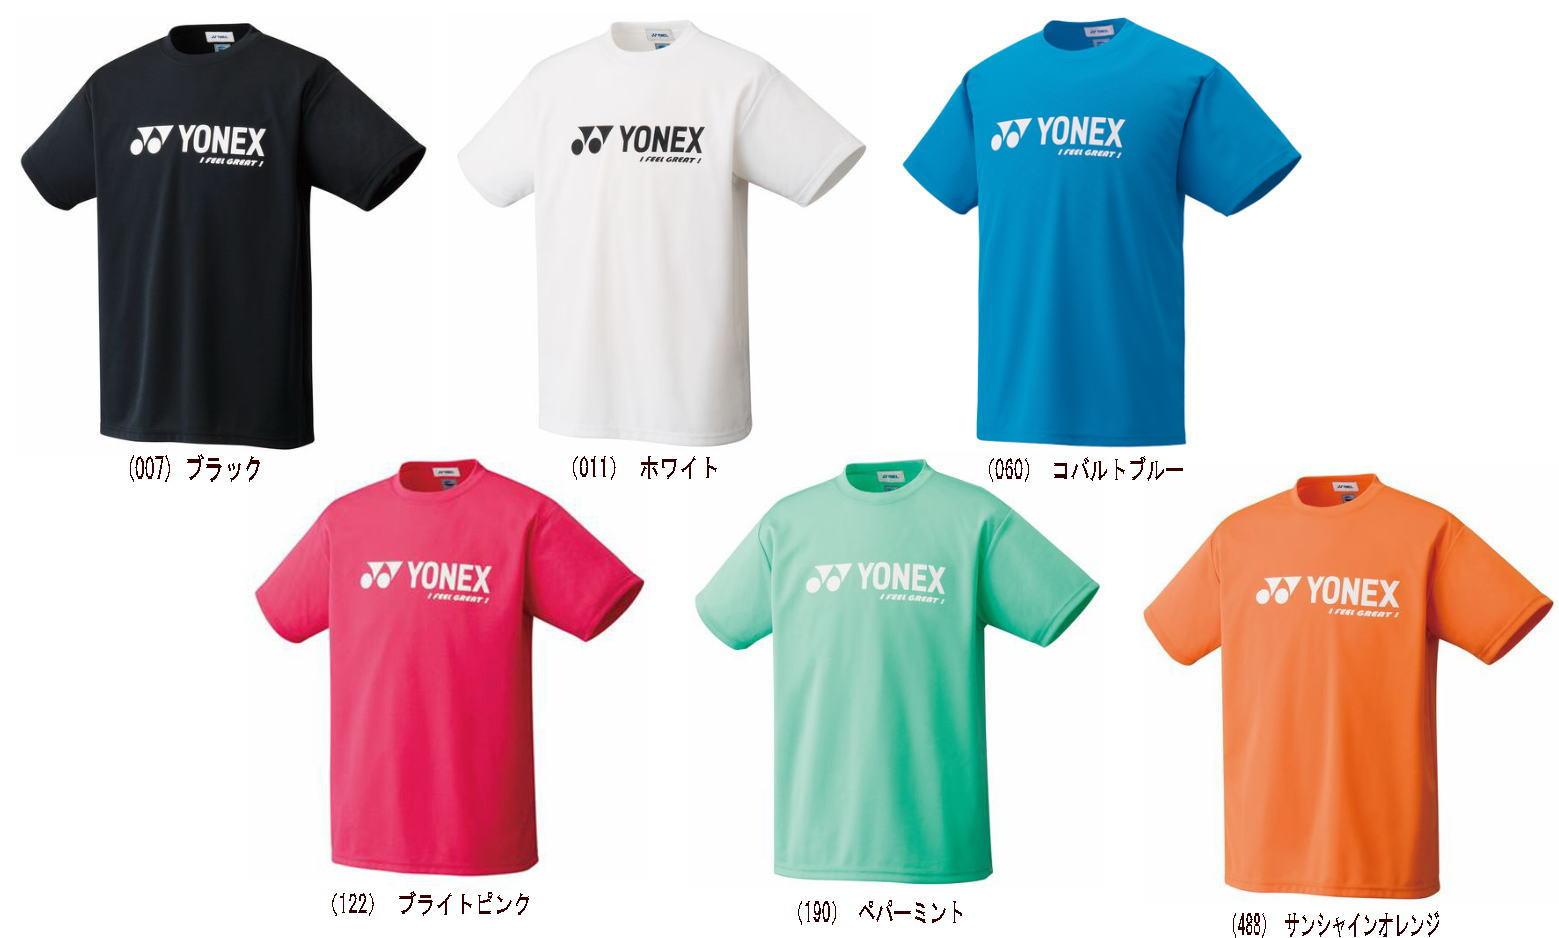 【メール便可160円(1枚まで)】YONEX ユニベリークールTシャツ ヨネックス バドミントンウェア メンズ バドミントン ウェア スポーツウェア ユニセックス Tシャツ 半袖Tシャツ テニスウェア ベリークールTシャツ 実店舗共通在庫 16201 ★2800